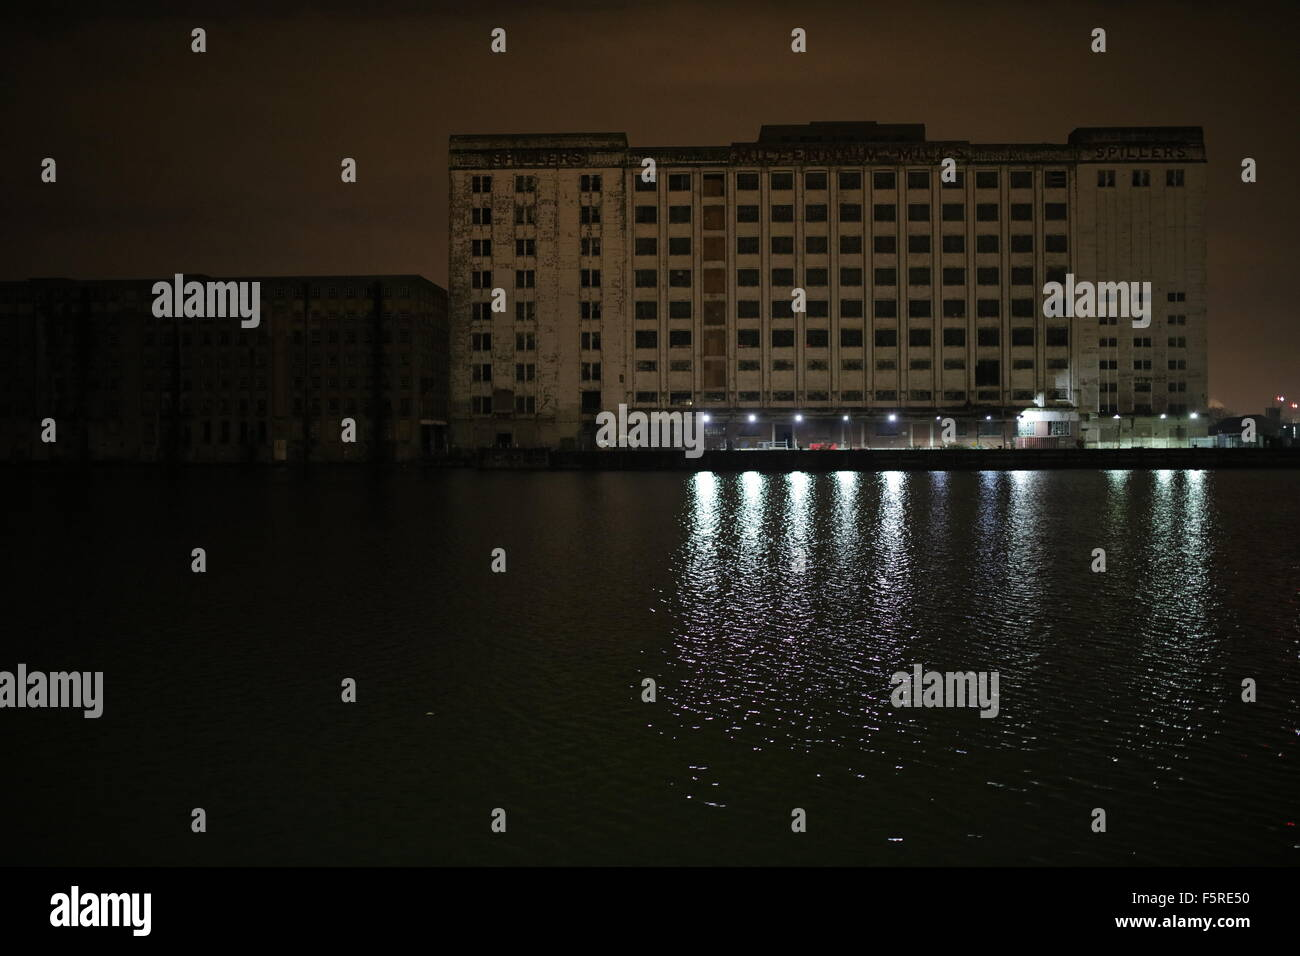 Millenium Mills at Night - Stock Image